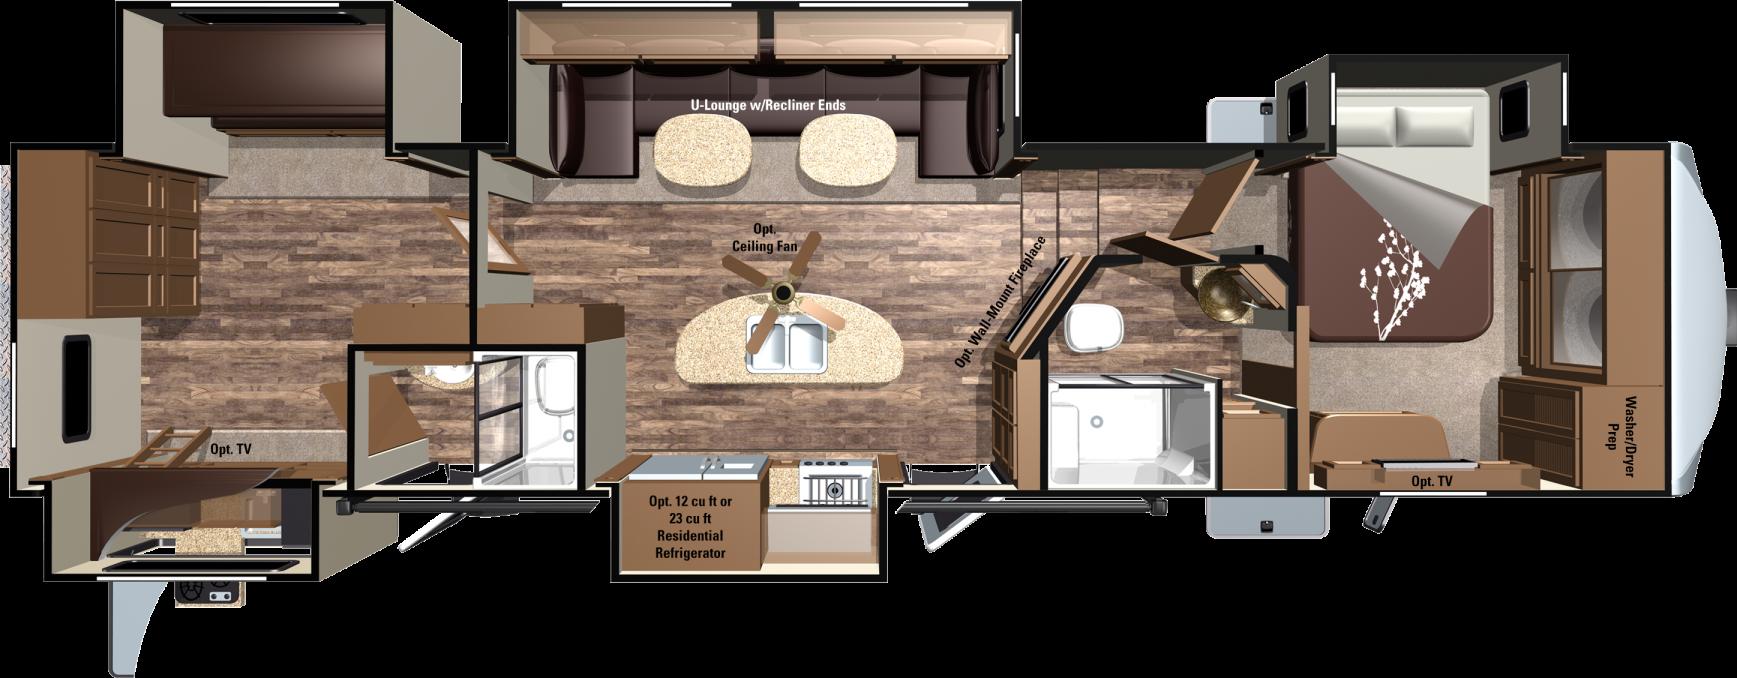 Roamer Rf384bhs Floorplan Open Range House Styles Rv For Sale